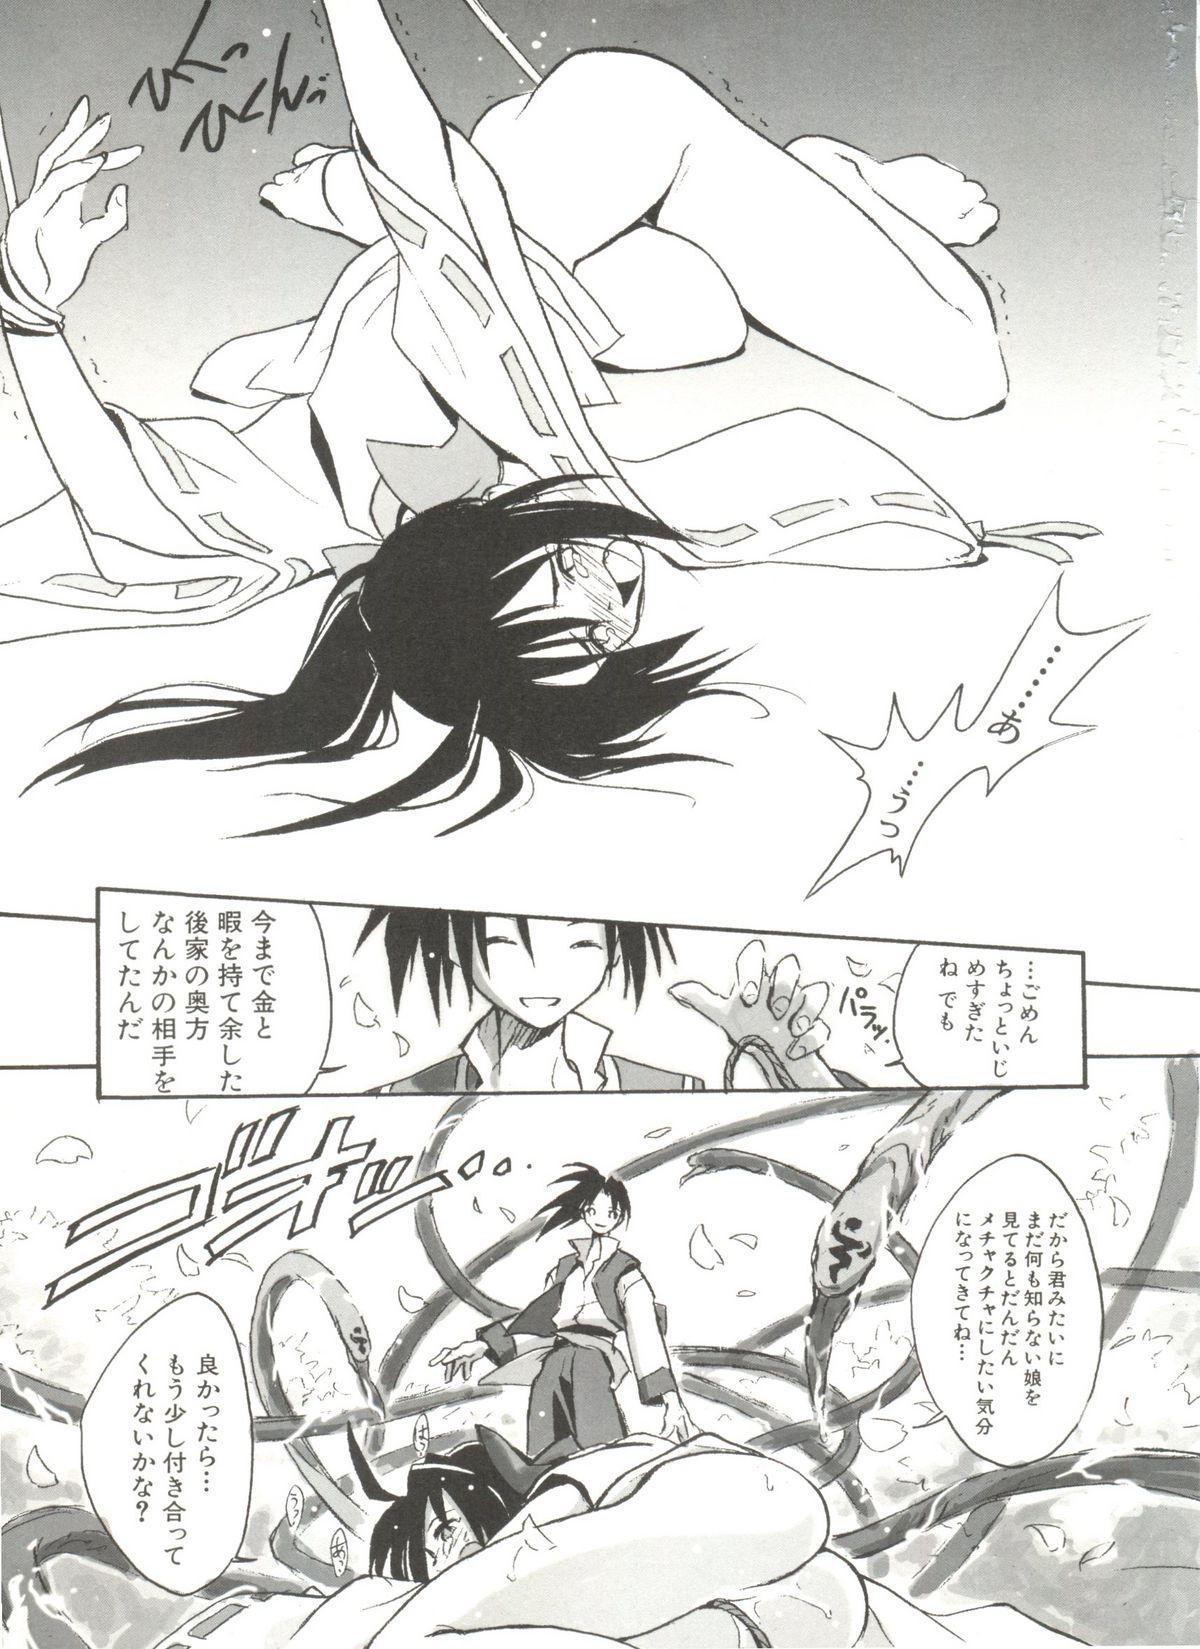 Denei Tamate Bako Bishoujo Doujinshi Anthology Vol. 2 - Nishinhou no Tenshi 22